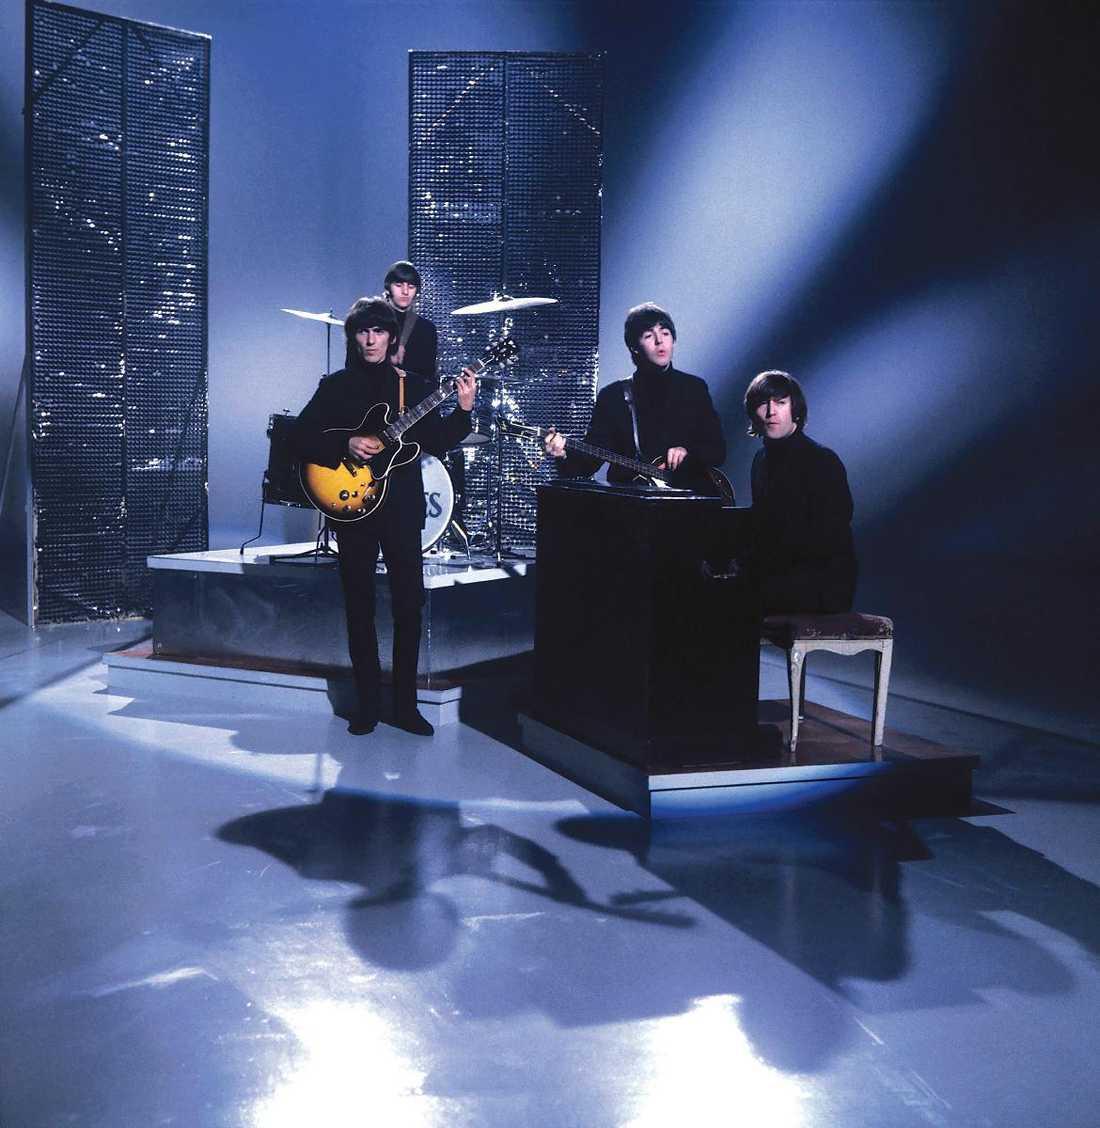 I början av karriären uppträdde The Beatles flitigt i olika tv-program, här med John Lennon på keyboard.